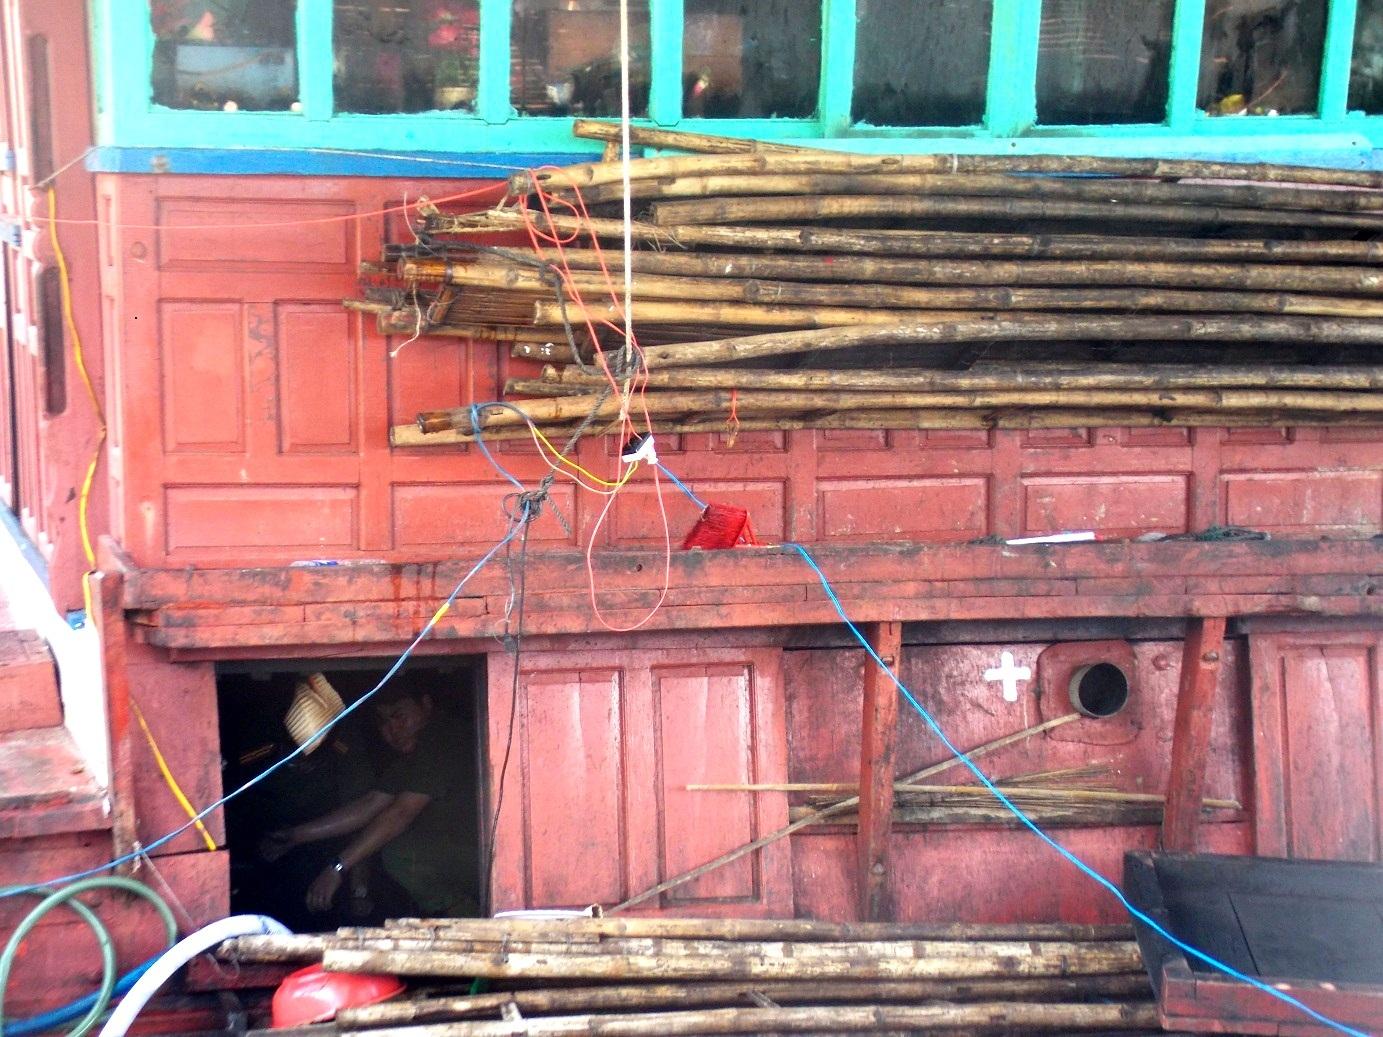 Nơi xuất phát ngọn lửa trên con tàu được dự đoán ở khu vực hầm máy